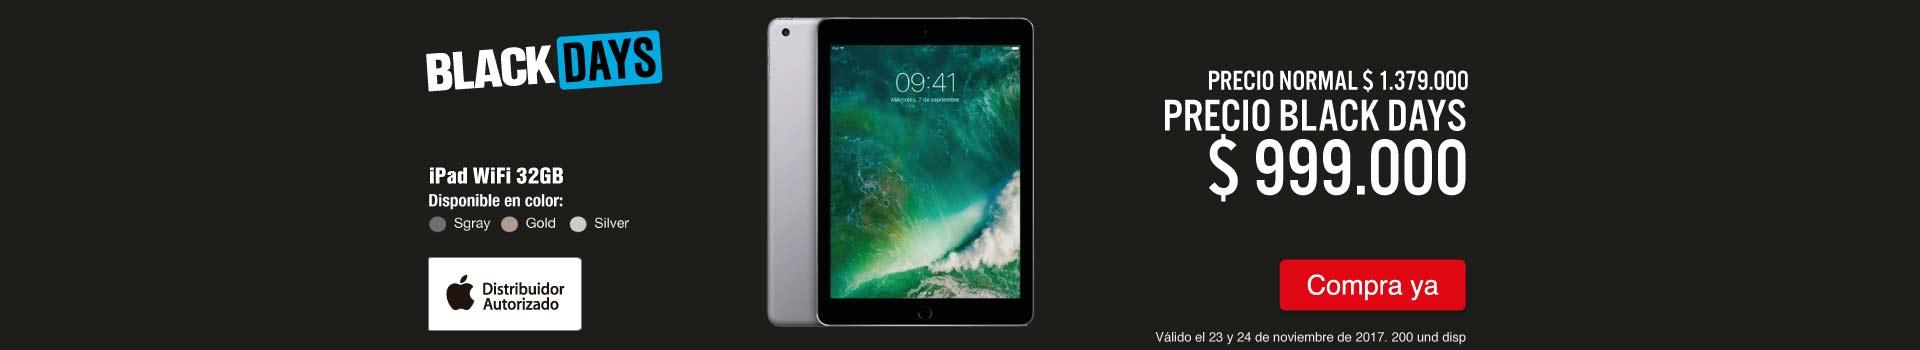 CAT KT-3-Tablets-ipad wifi 32GB-prod-noviembre23-24